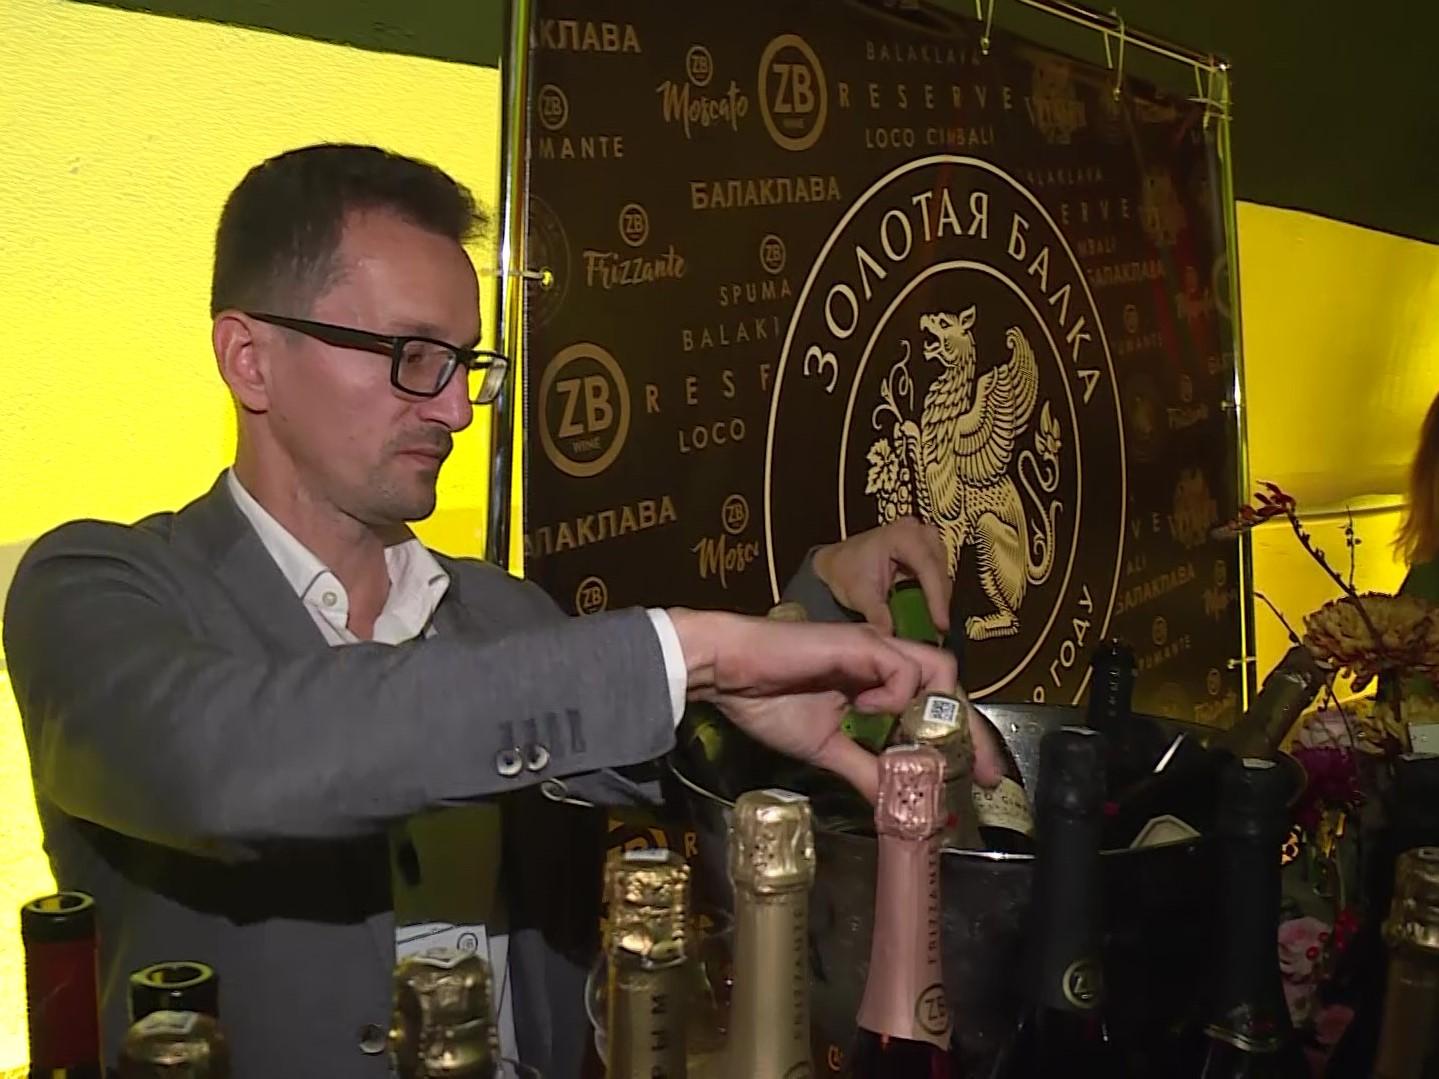 «Лучшее игристое вино России 2019»: «Золотая Балка» получила награды во всех номинациях I Международного винного конкурса имени Льва Голицына: золото, 9 серебряных и 5 бронзовых медалей